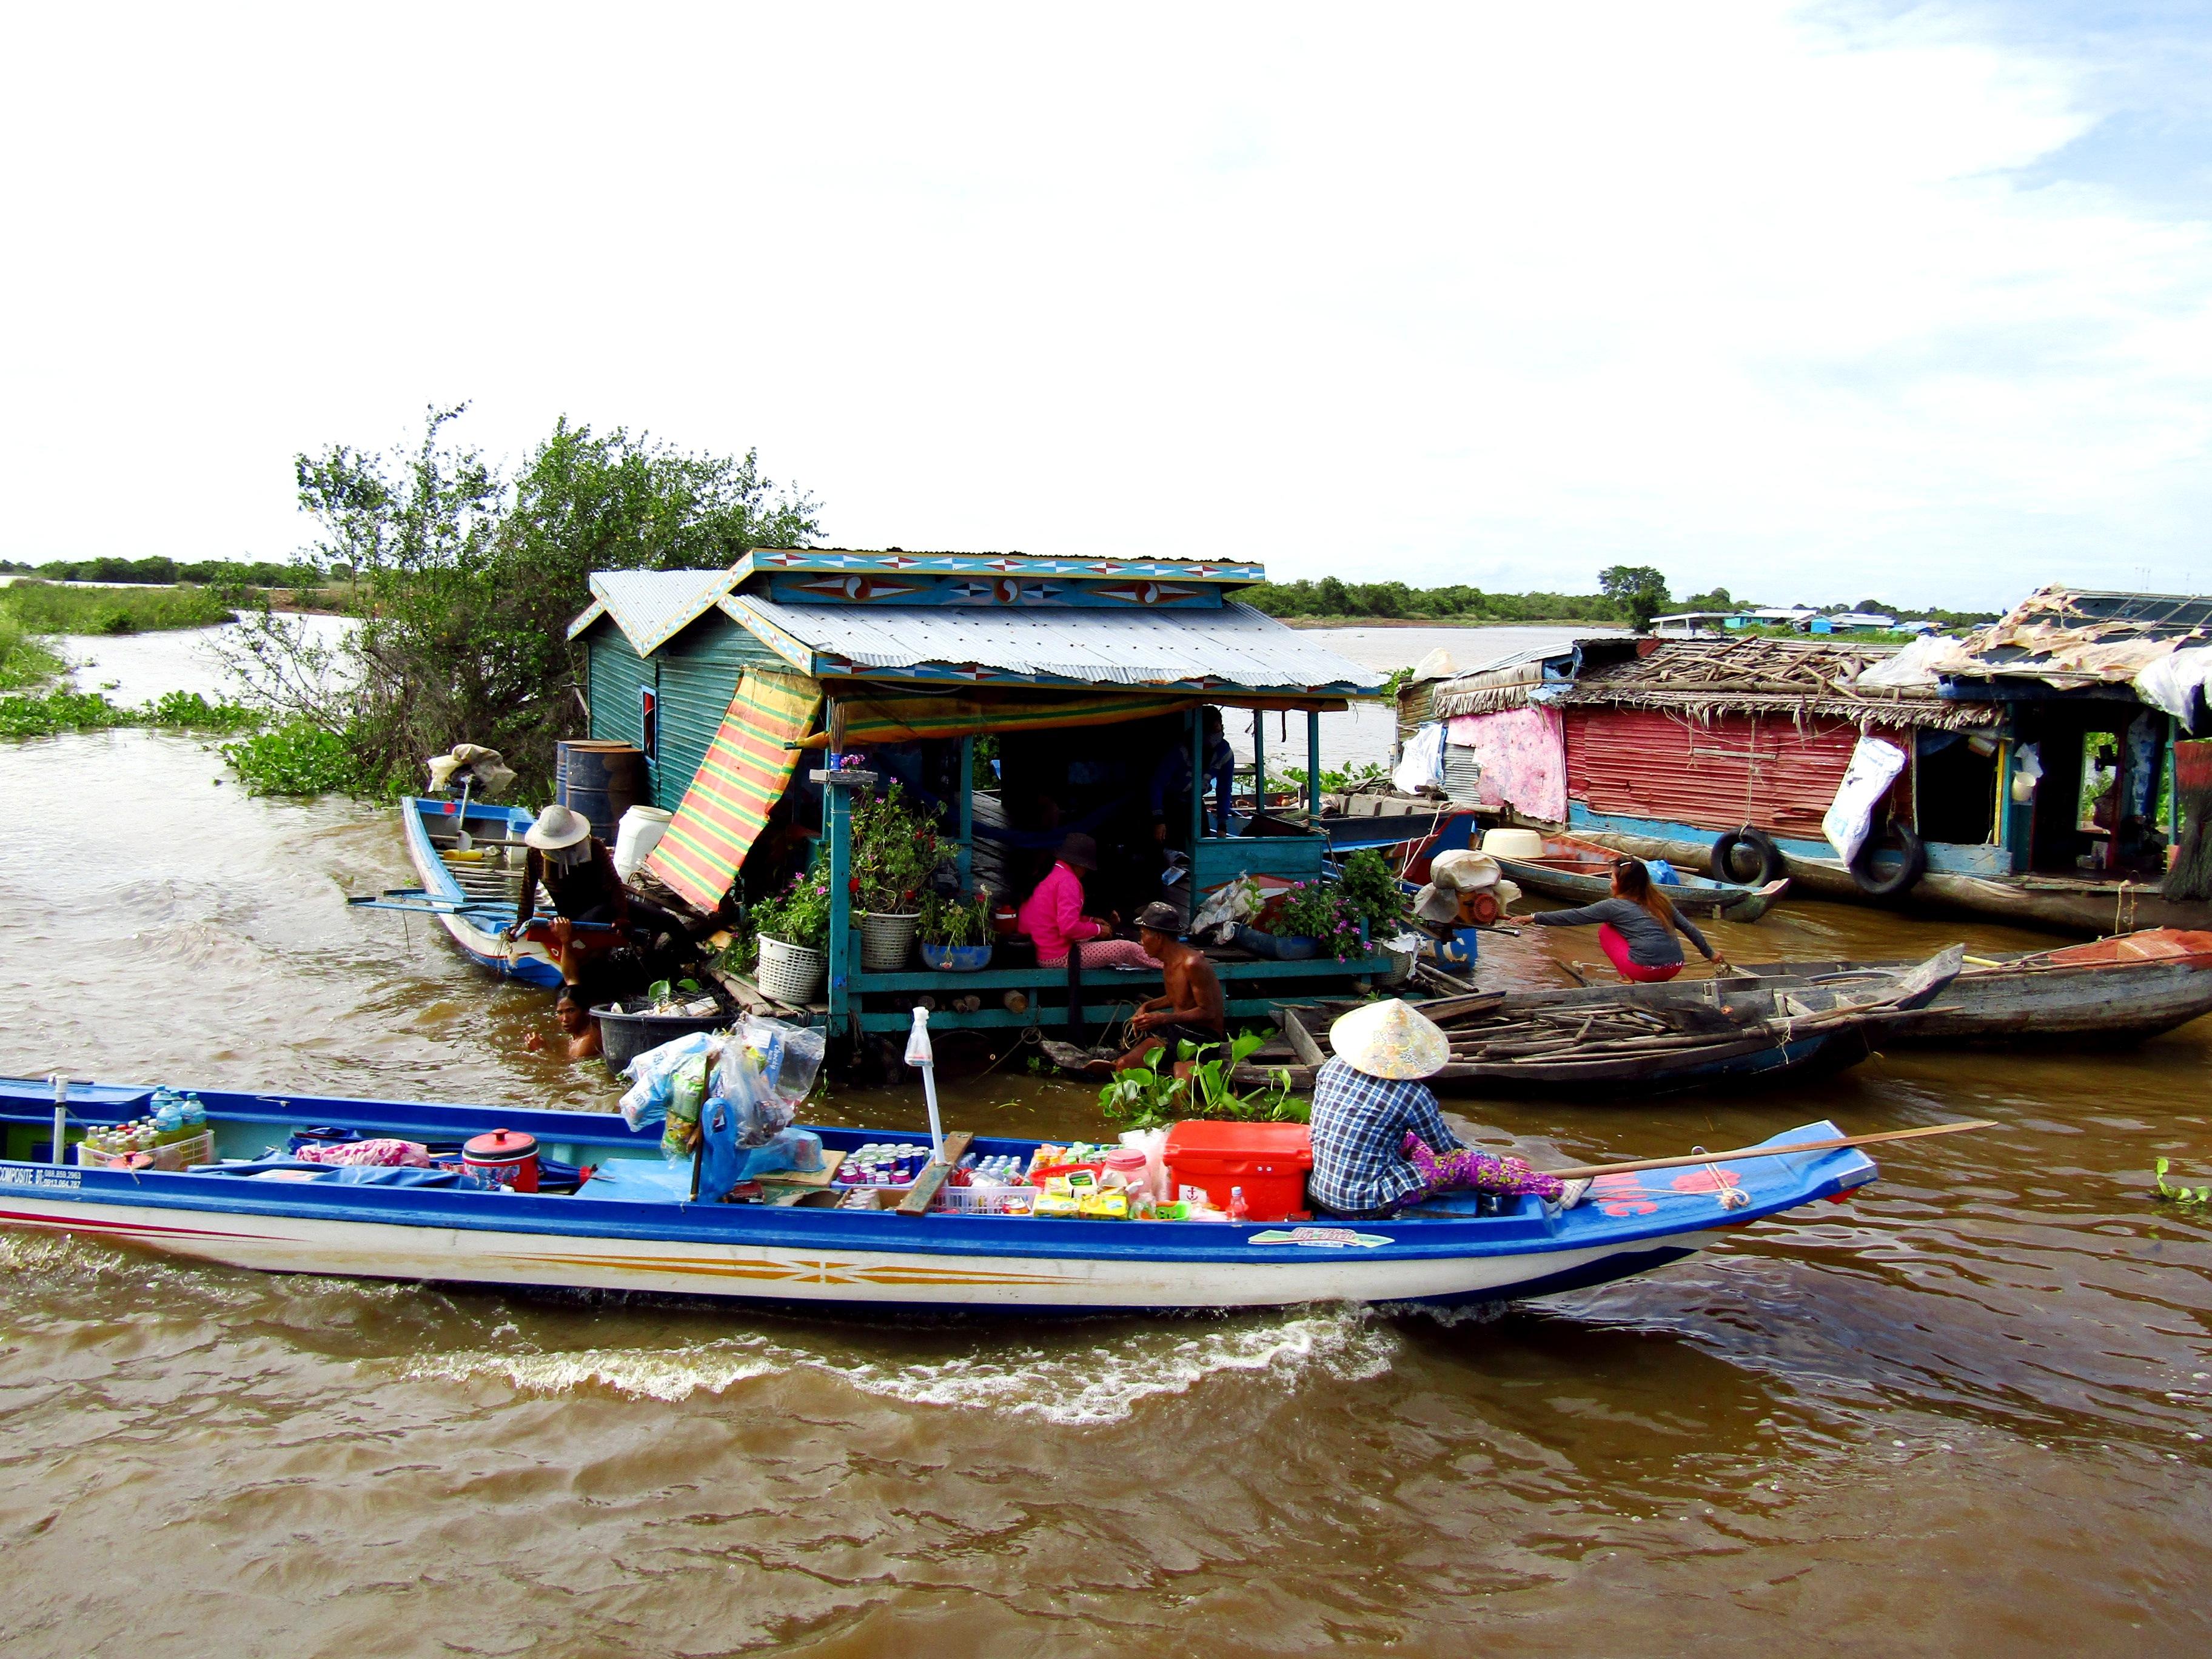 Kompong Khleang floating village - on a boat trip